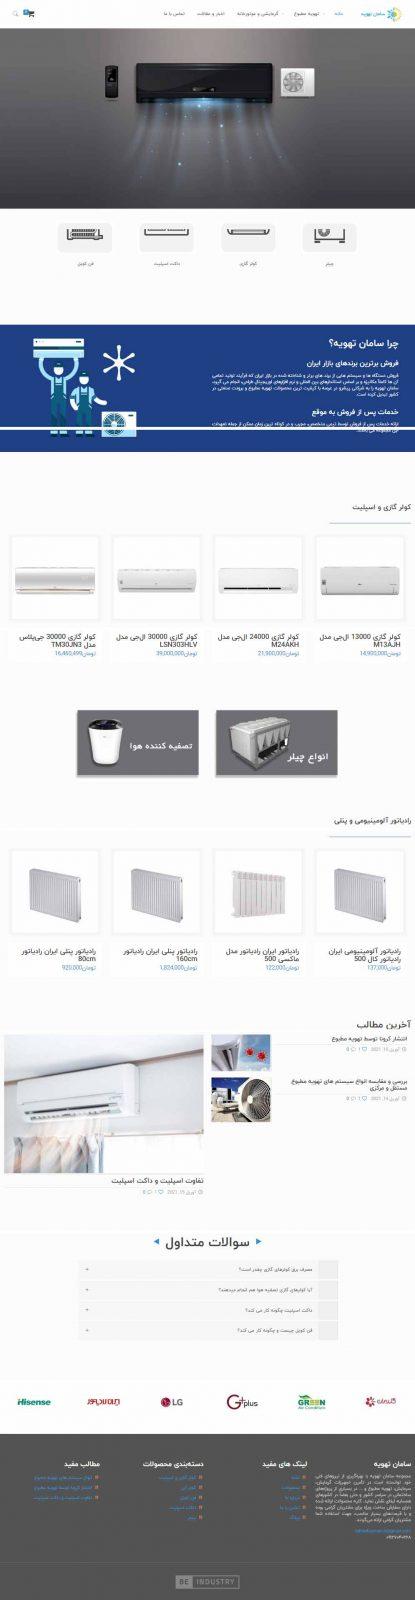 نمونه طراحی سایت تاسیسات ساختمانی